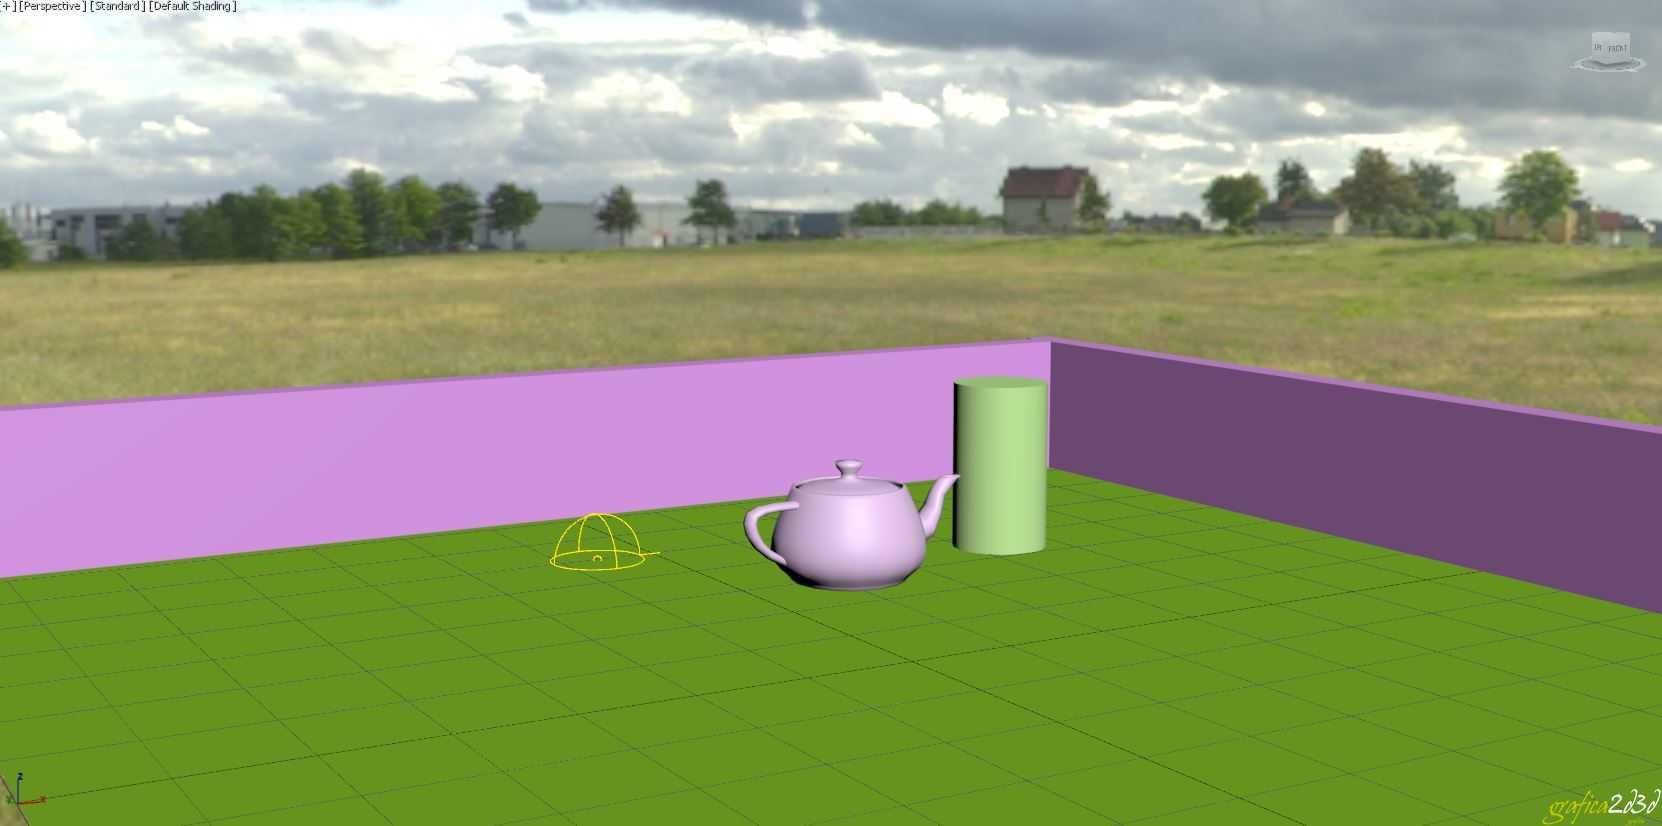 Vray 3d studio max visualizzare mappa hdri in viewport